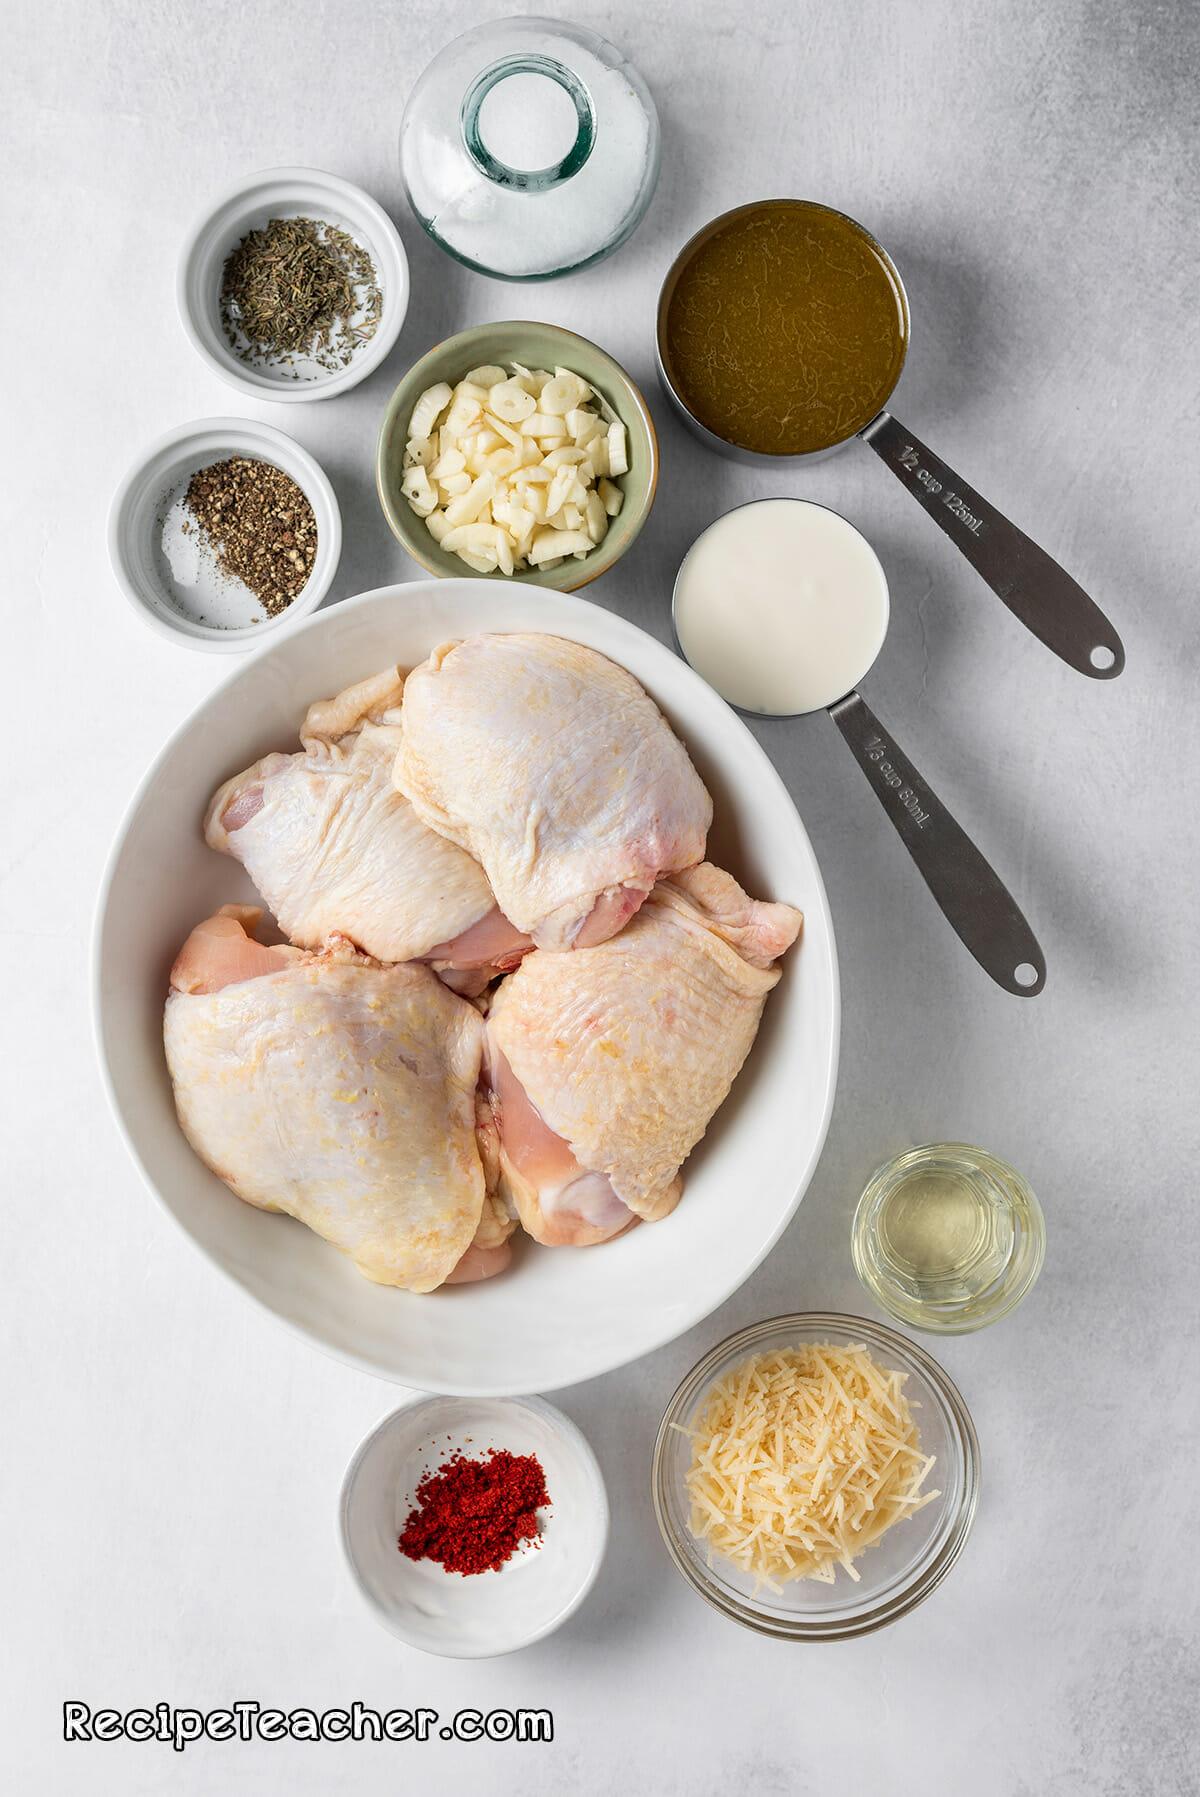 Ingredients for Instant Pot creamy garlic chicken thighs recipe.